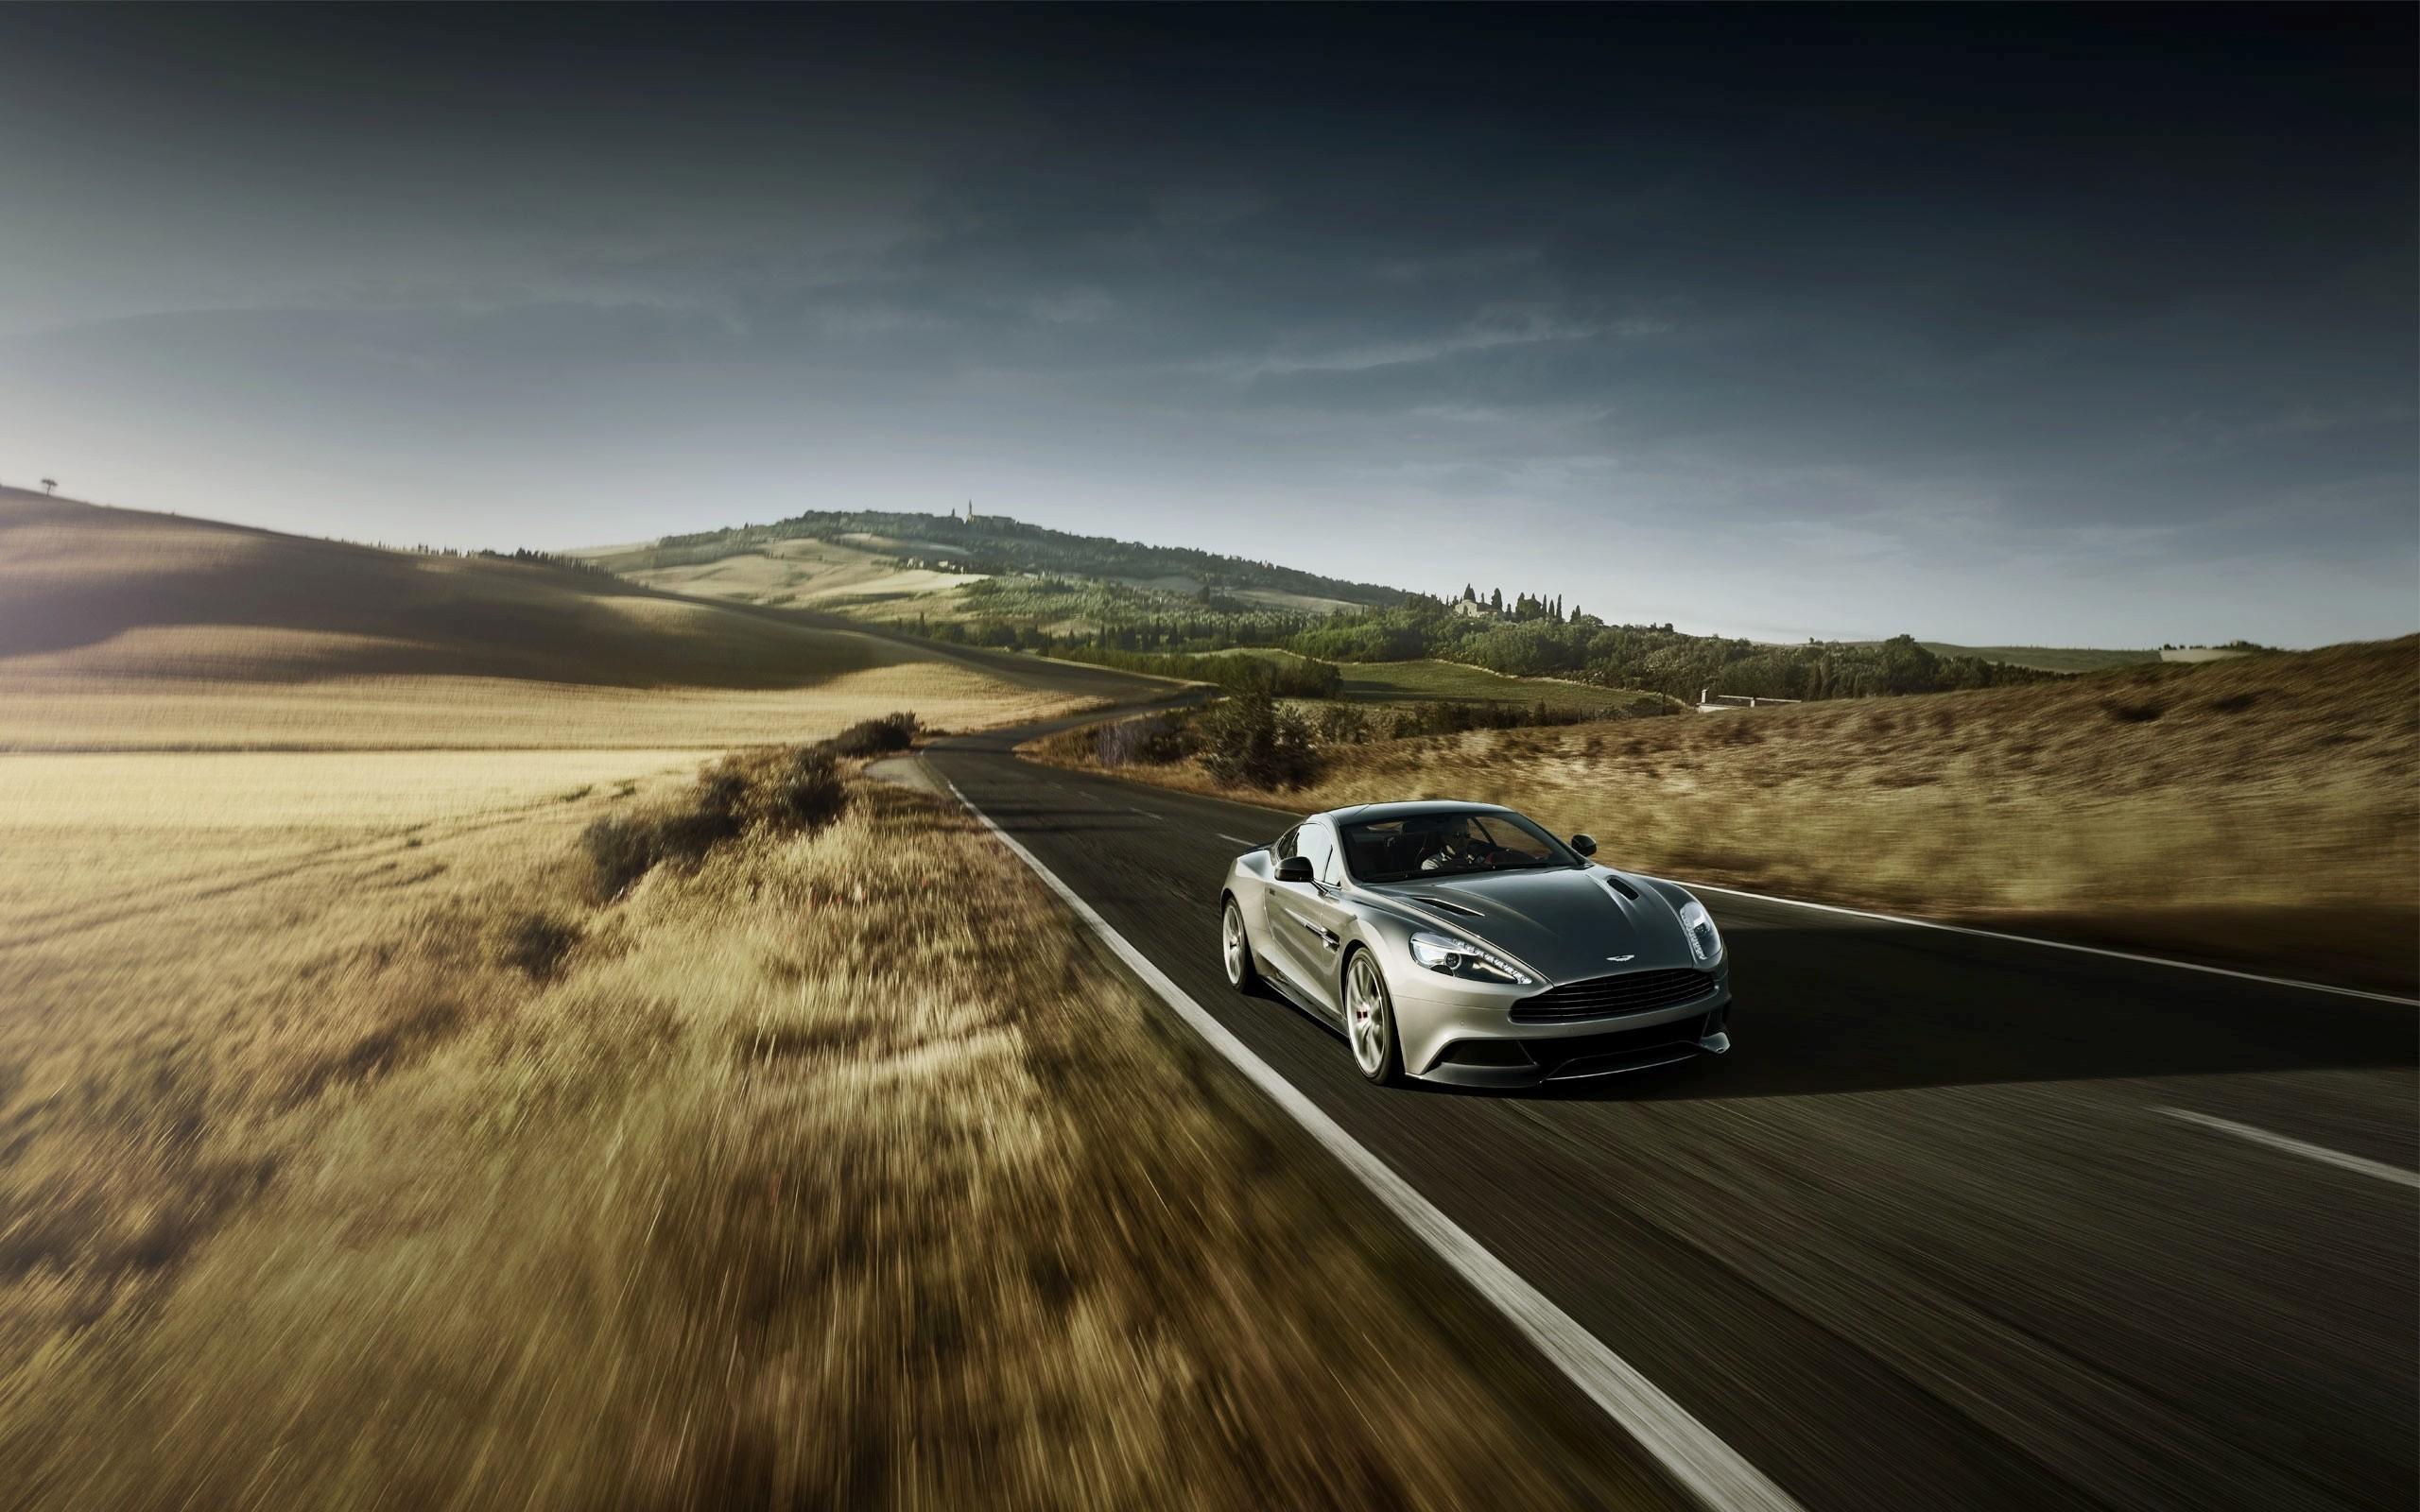 Graue Aston Martin Beschleunigung vorne Angle View Desktop Hintergrund 2560x1600